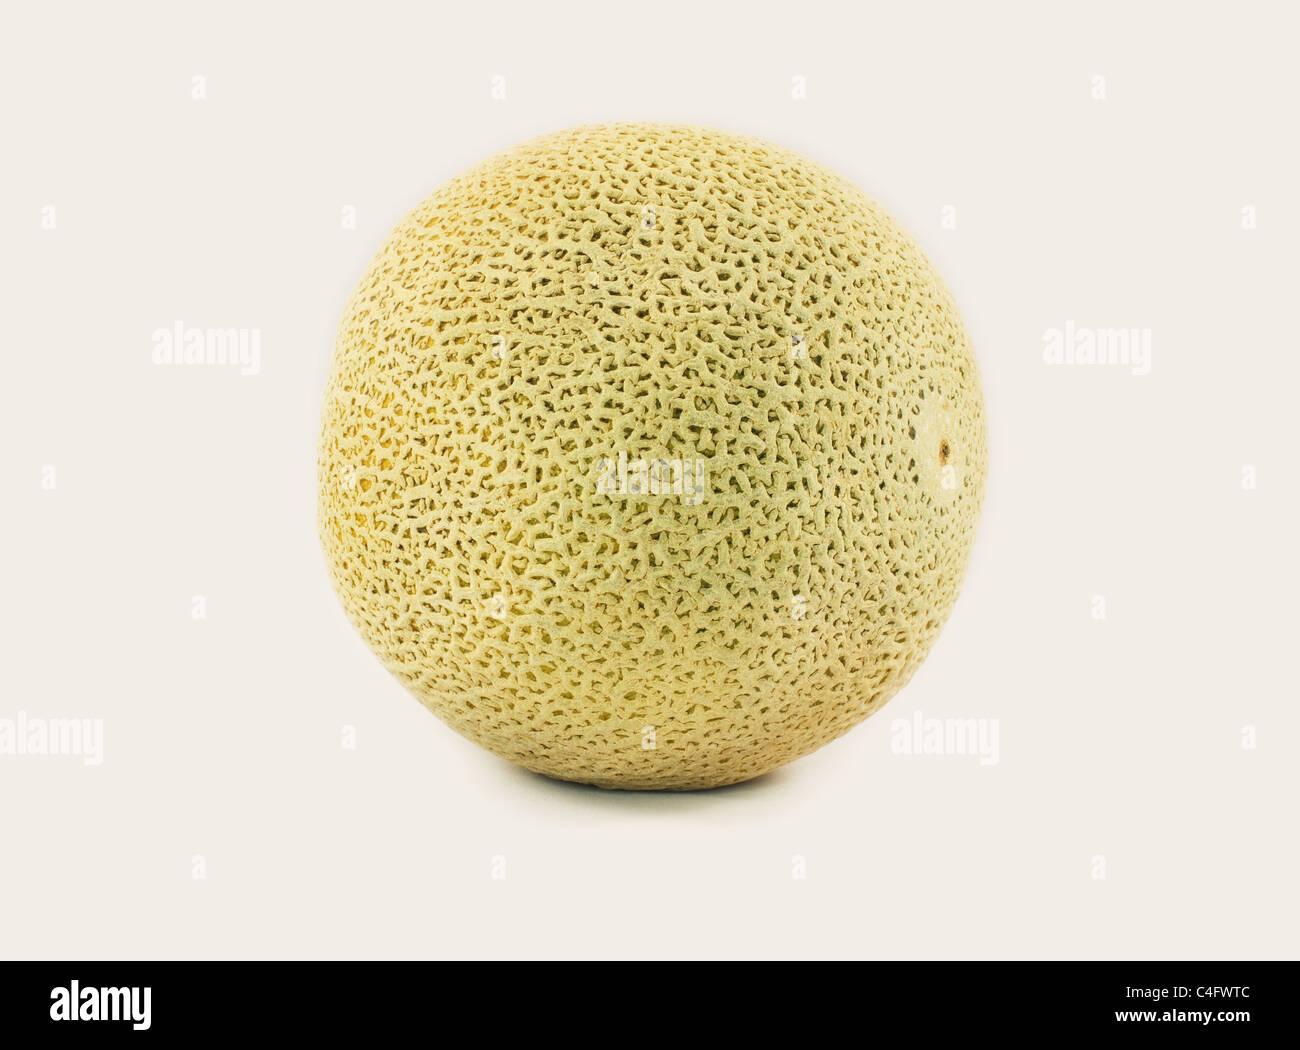 Única empresa enteros sin pelar el melón maduro sin cortar. Imagen De Stock